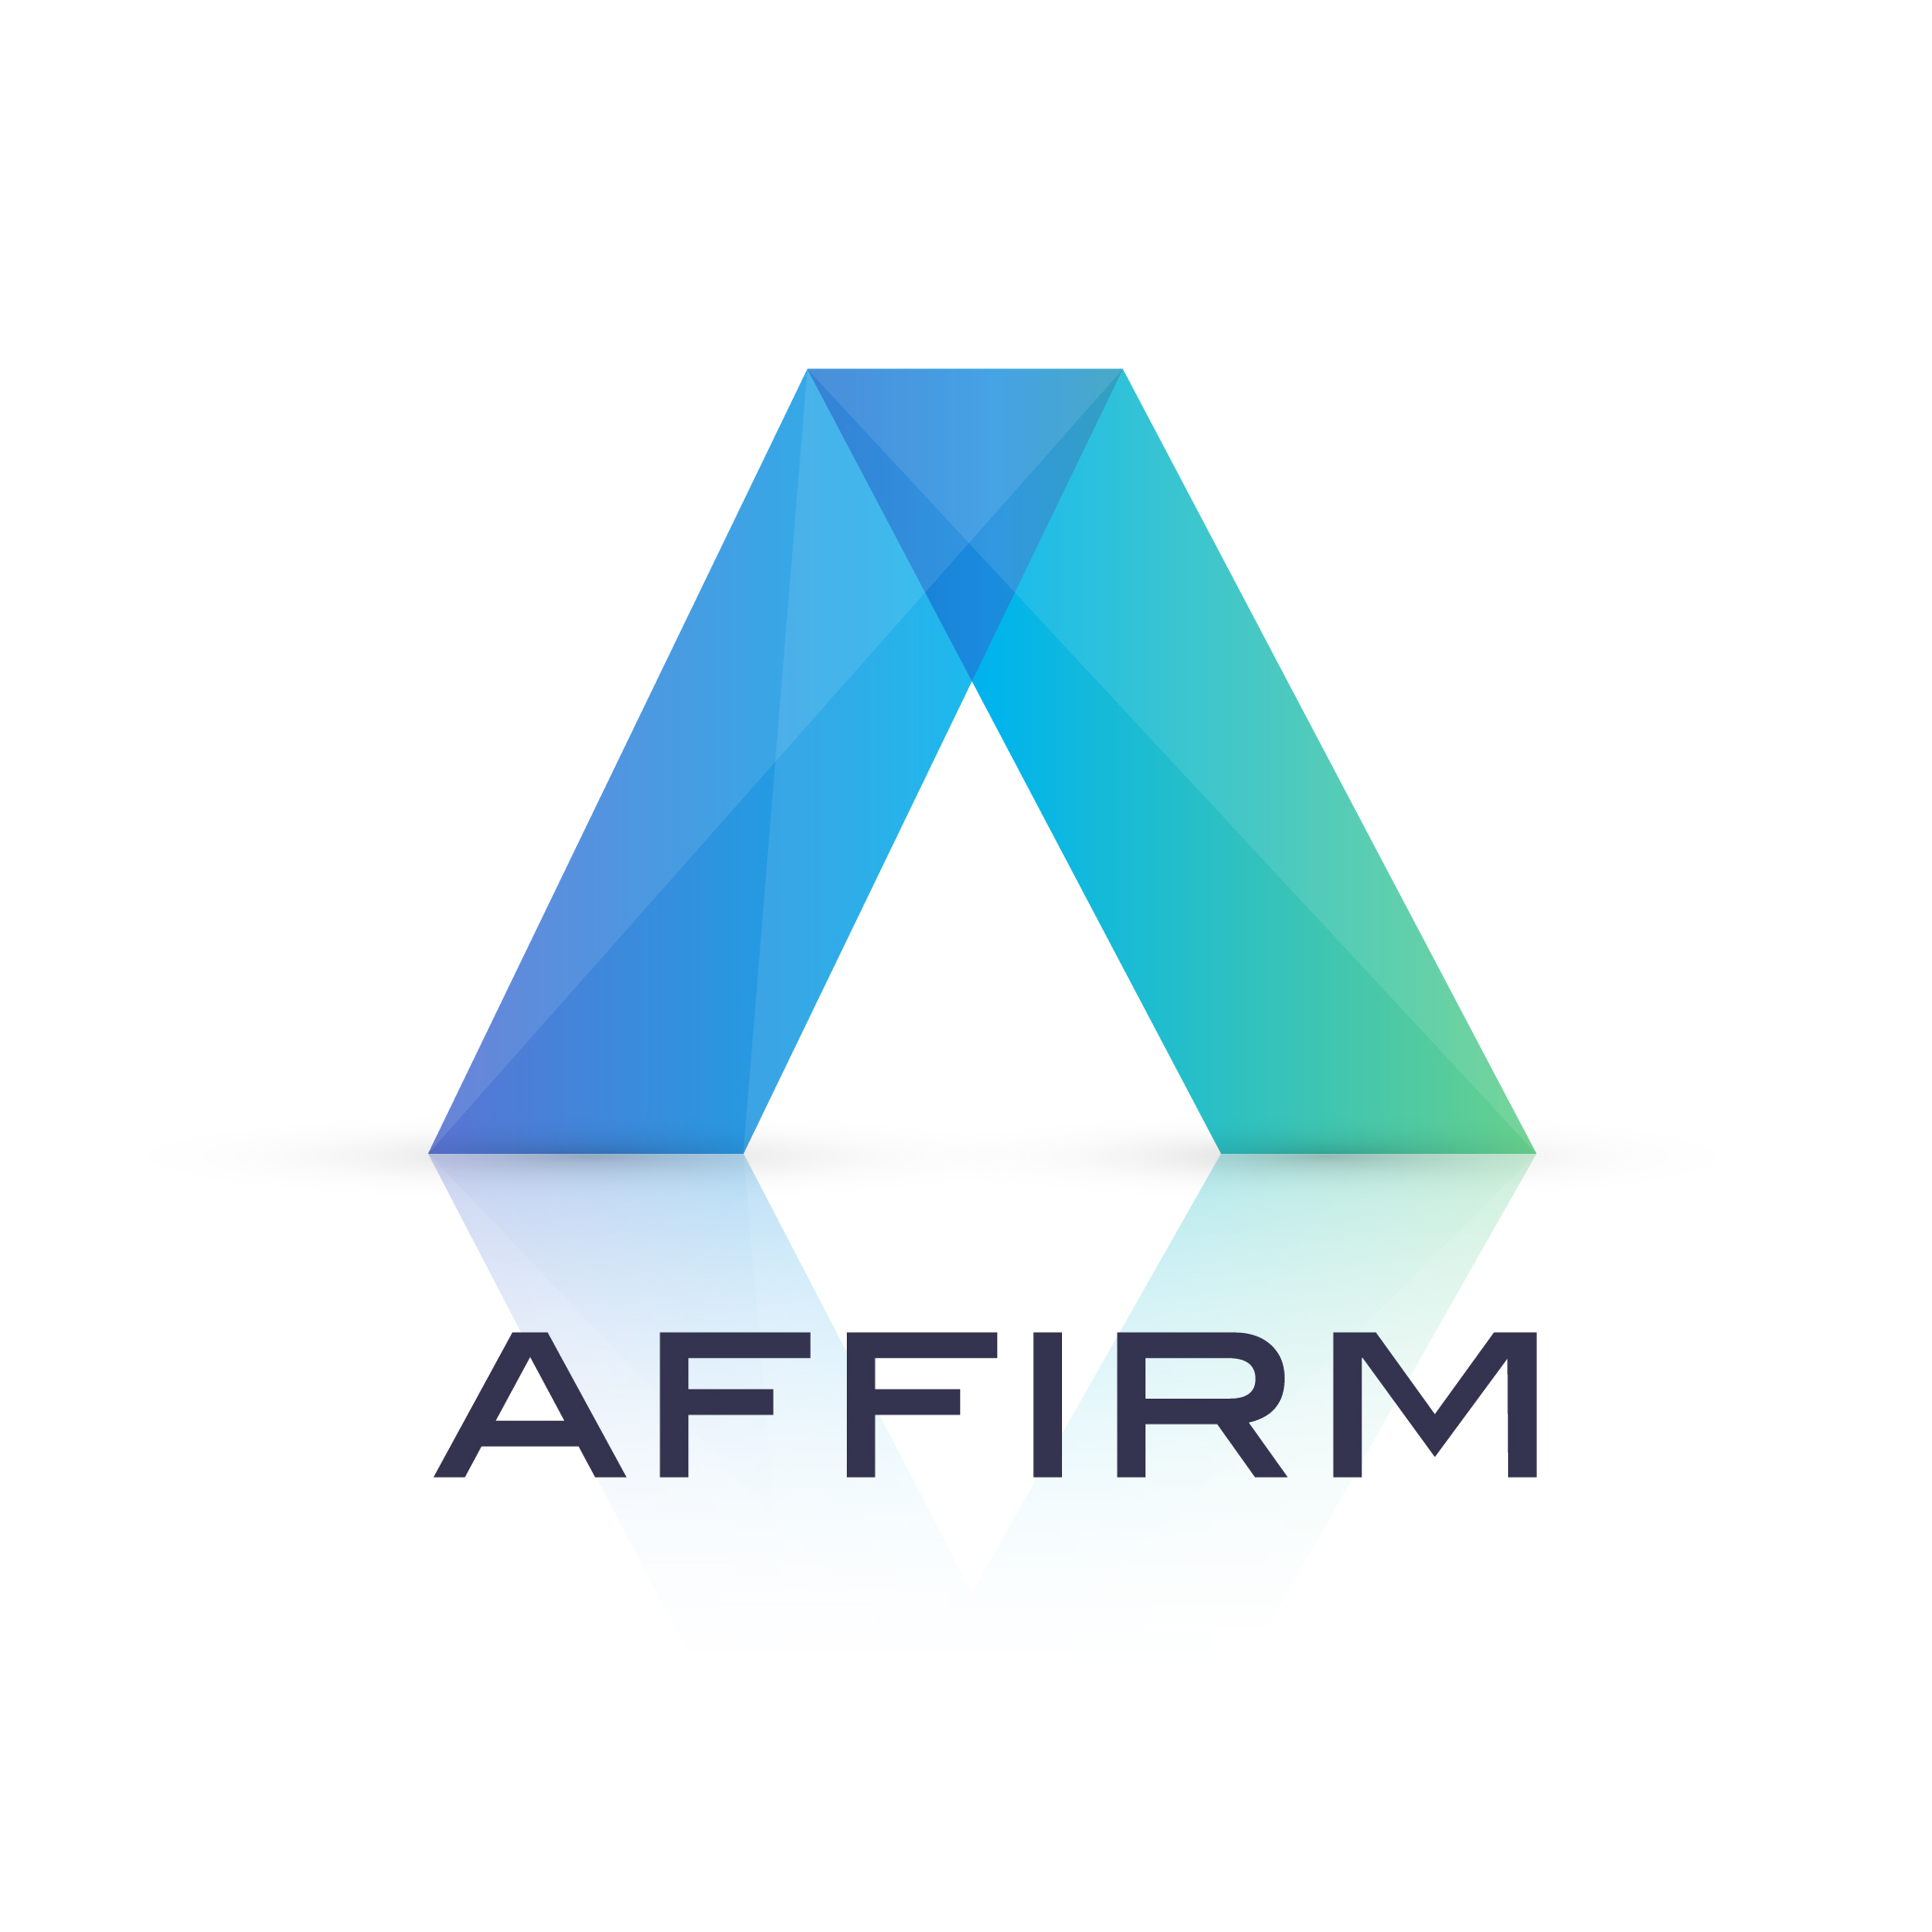 AFFIRM logo Consíguenos un socio PPE